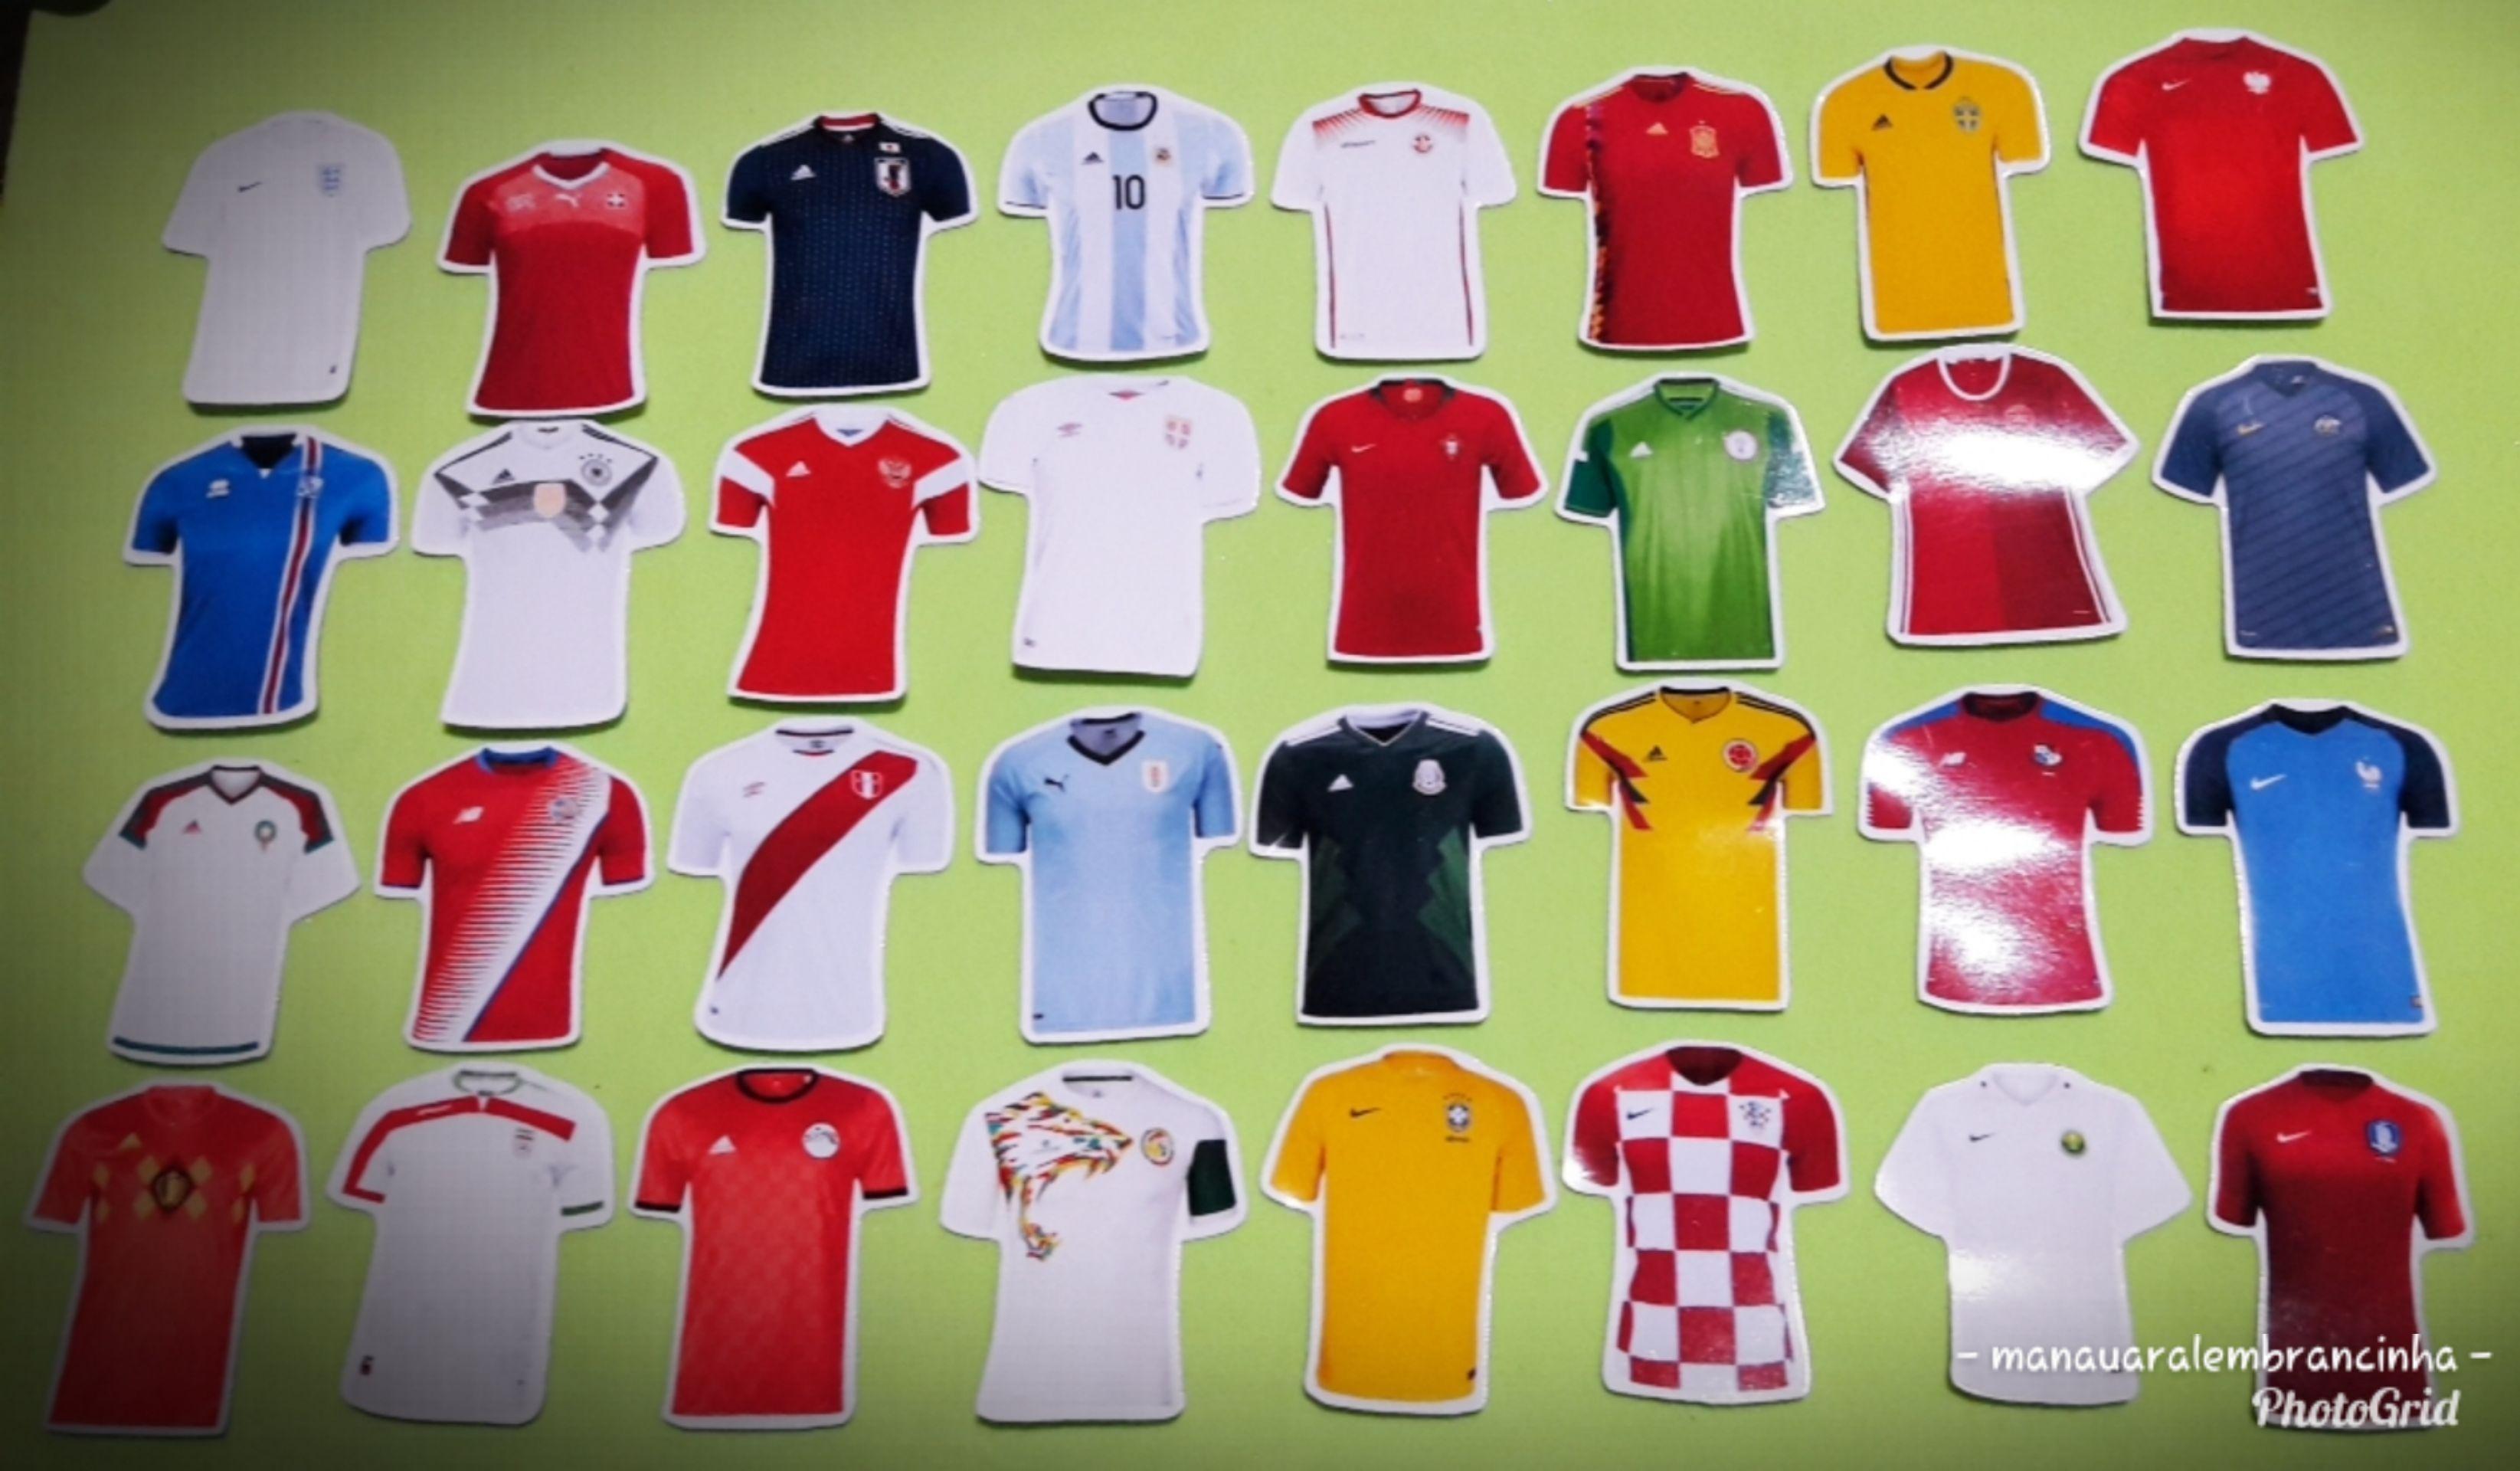 02392a7a15 Toppers camisas de futebol no Elo7